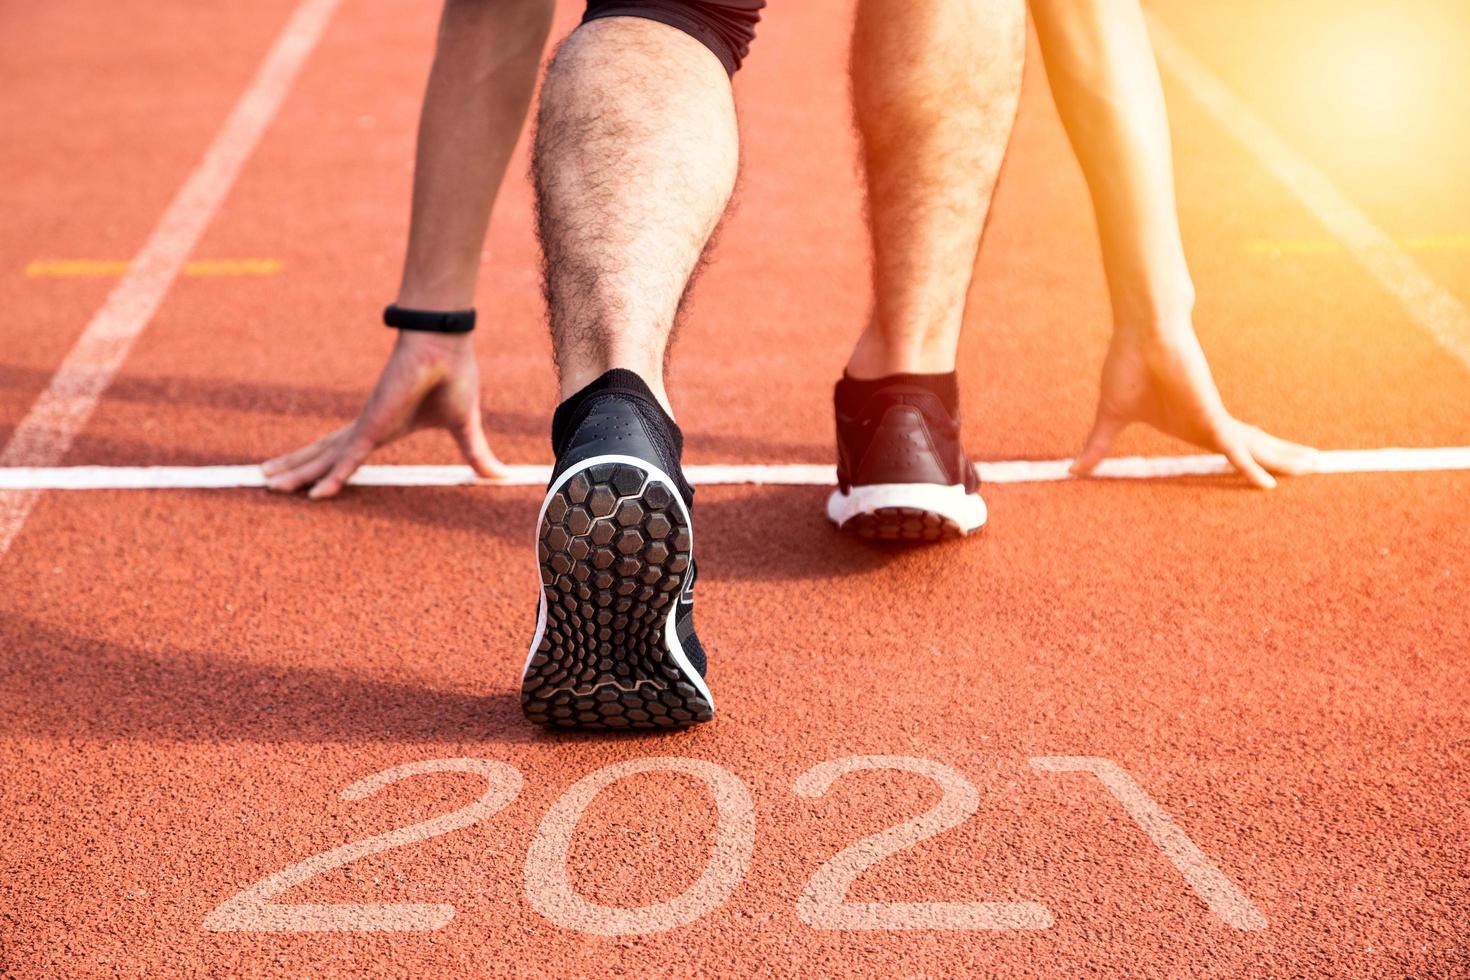 nouvelle année ou commencer directement le concept. Gros plan d'un coureur d'athlète en cours d'exécution vers le succès et de nouvelles réalisations sur le chemin avec inscription 2021 photo